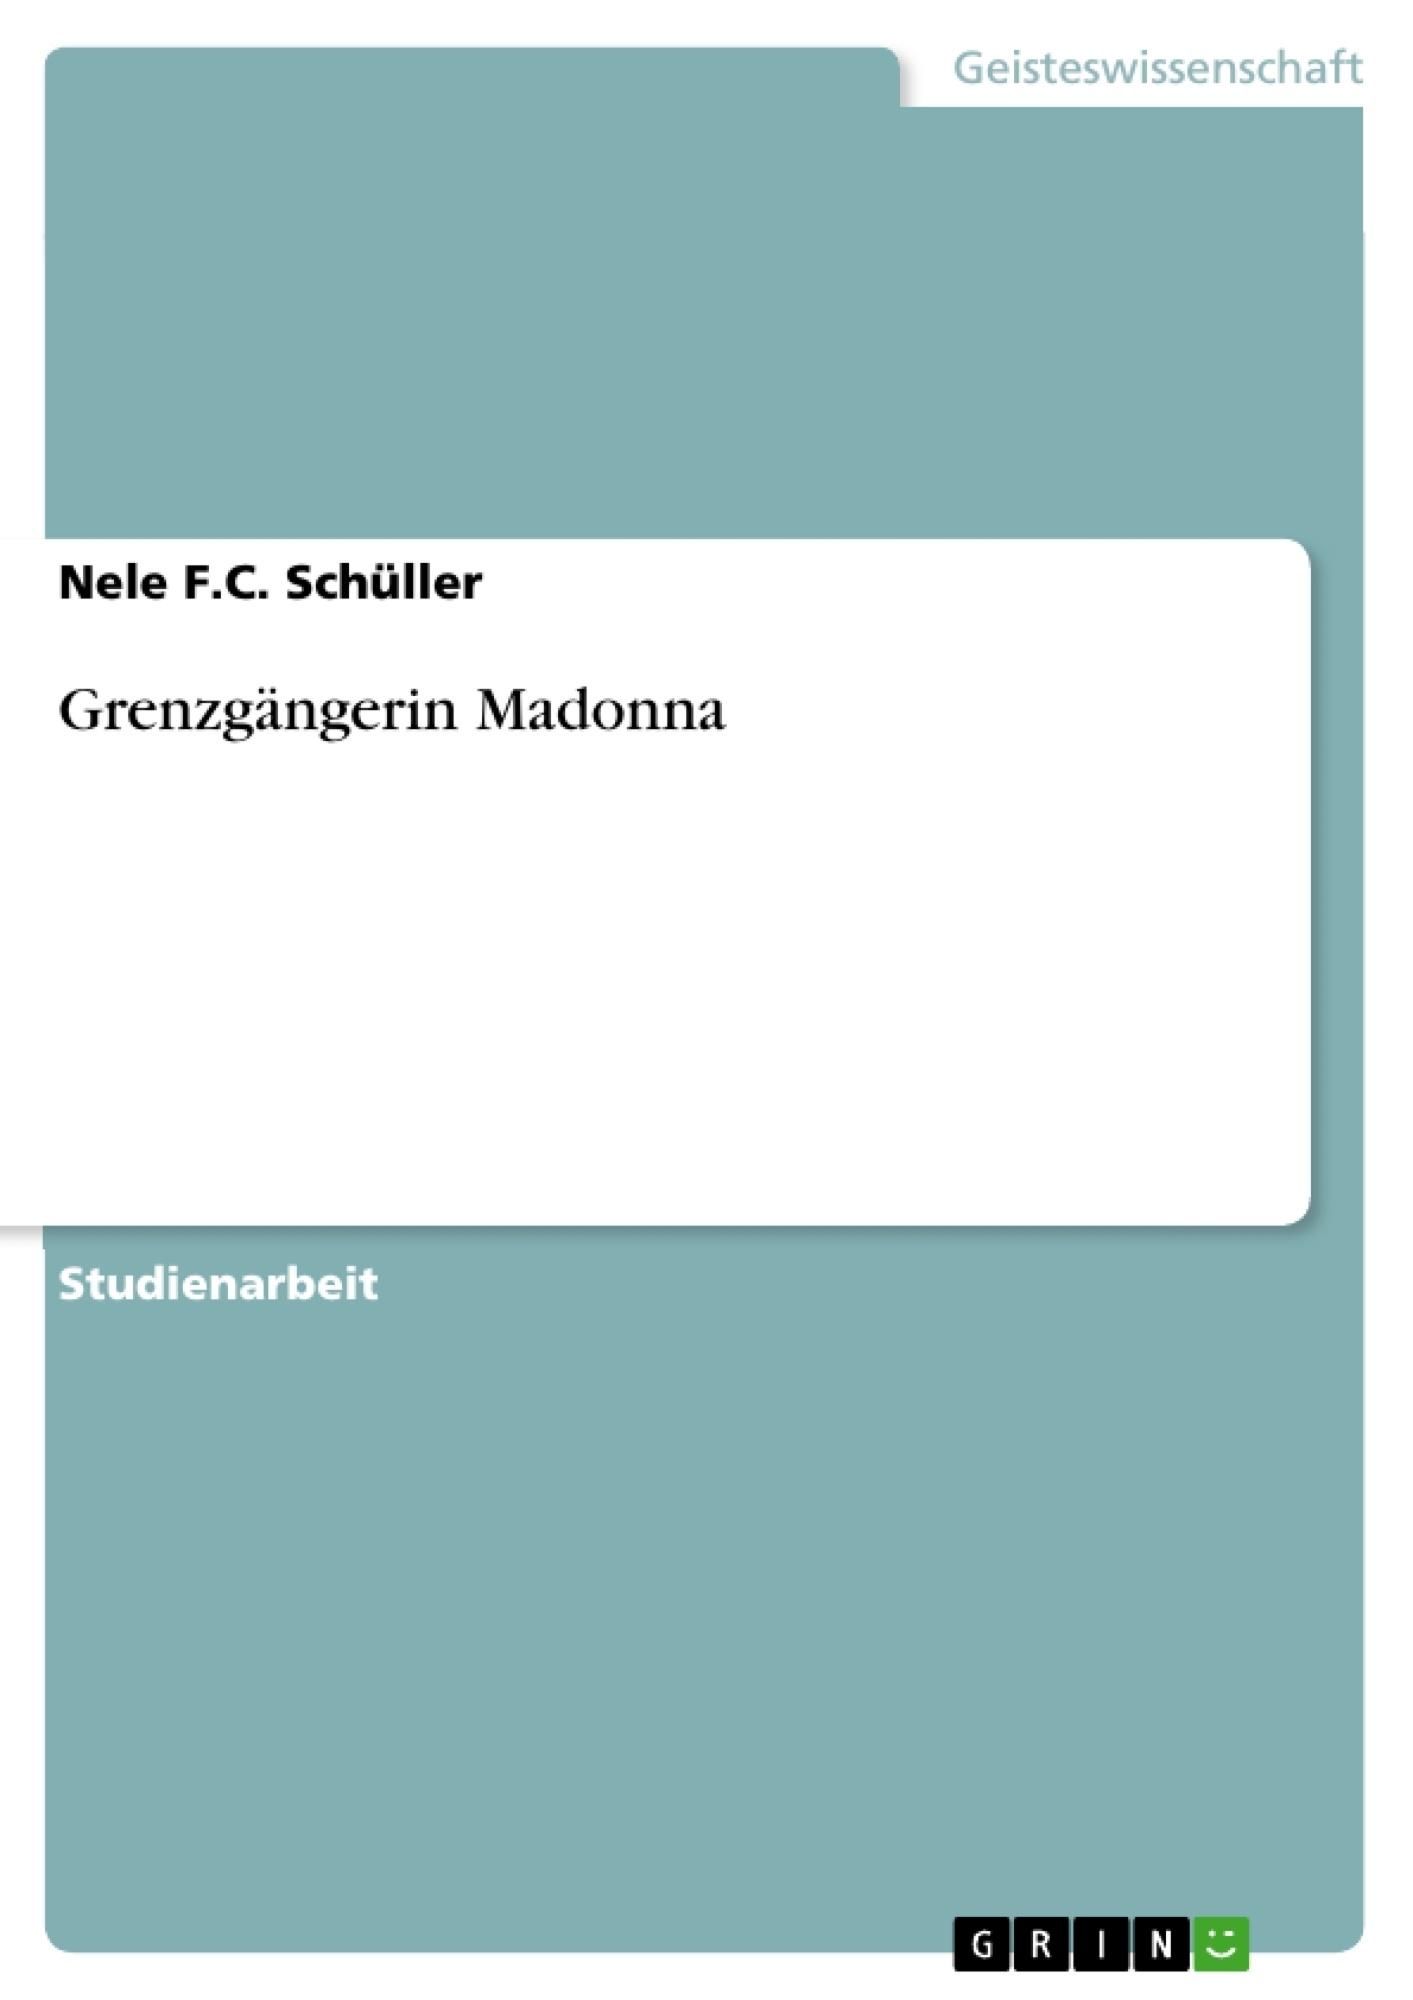 Titel: Grenzgängerin Madonna